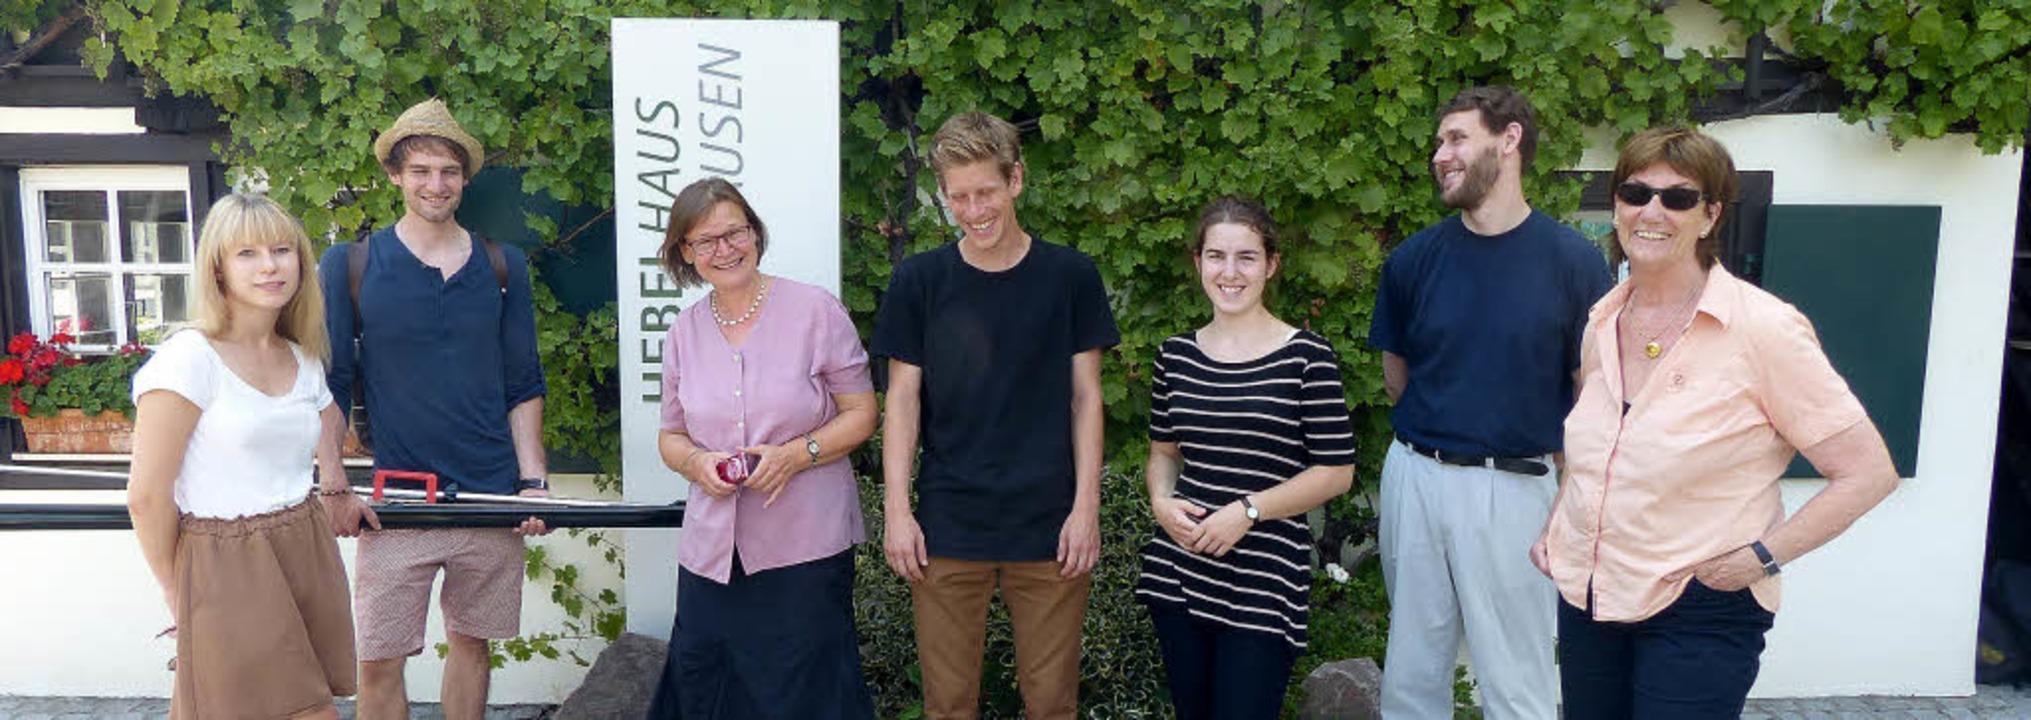 Entwickeln Ideen,wie das Literaturmuse...Dritte  von links) vor dem Hebelhaus.     Foto: Privat